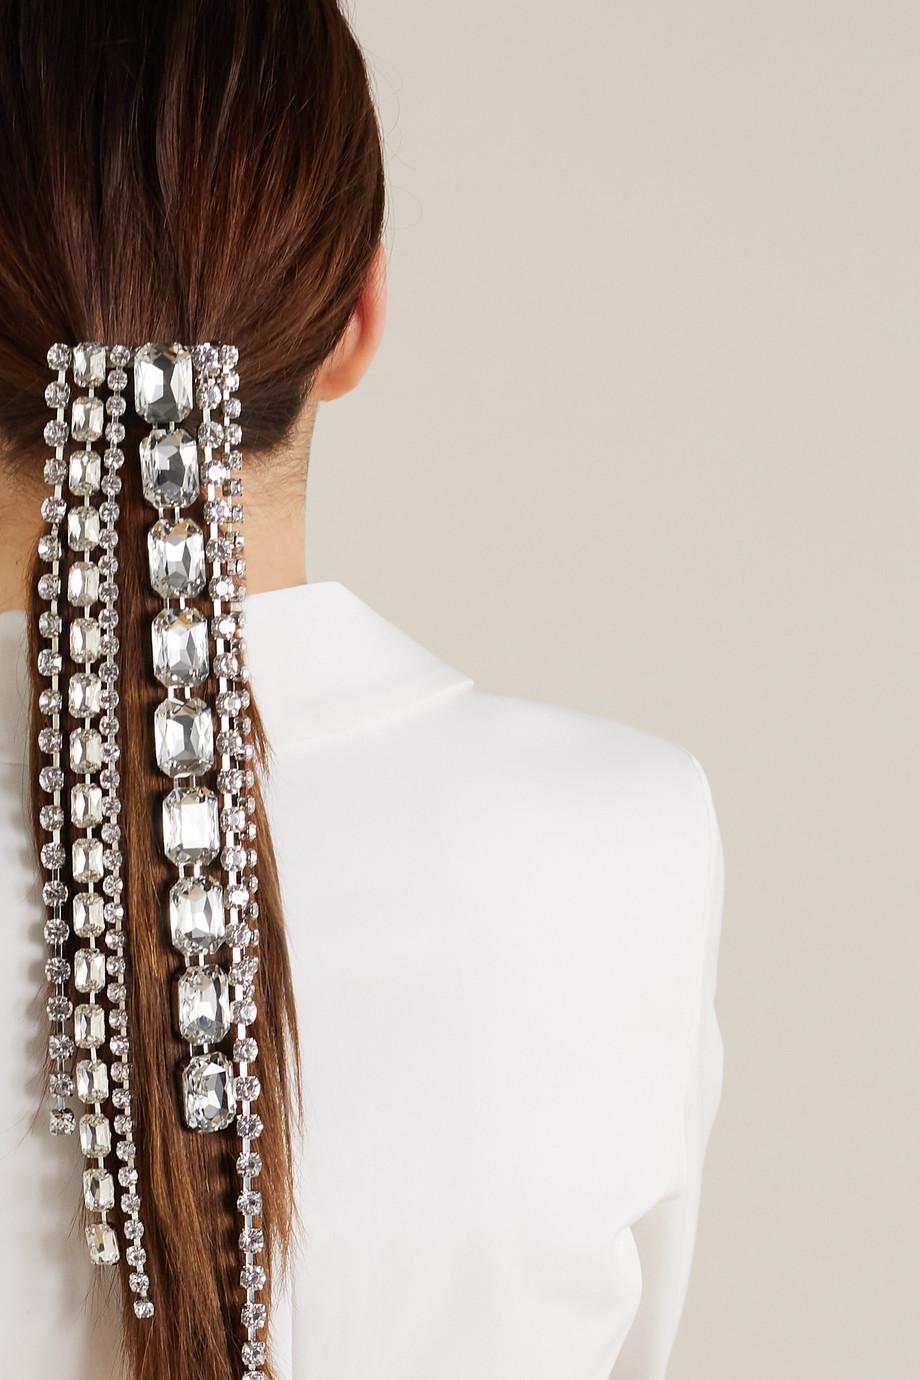 AREA Silberfarbene Haarspange mit Kristallen